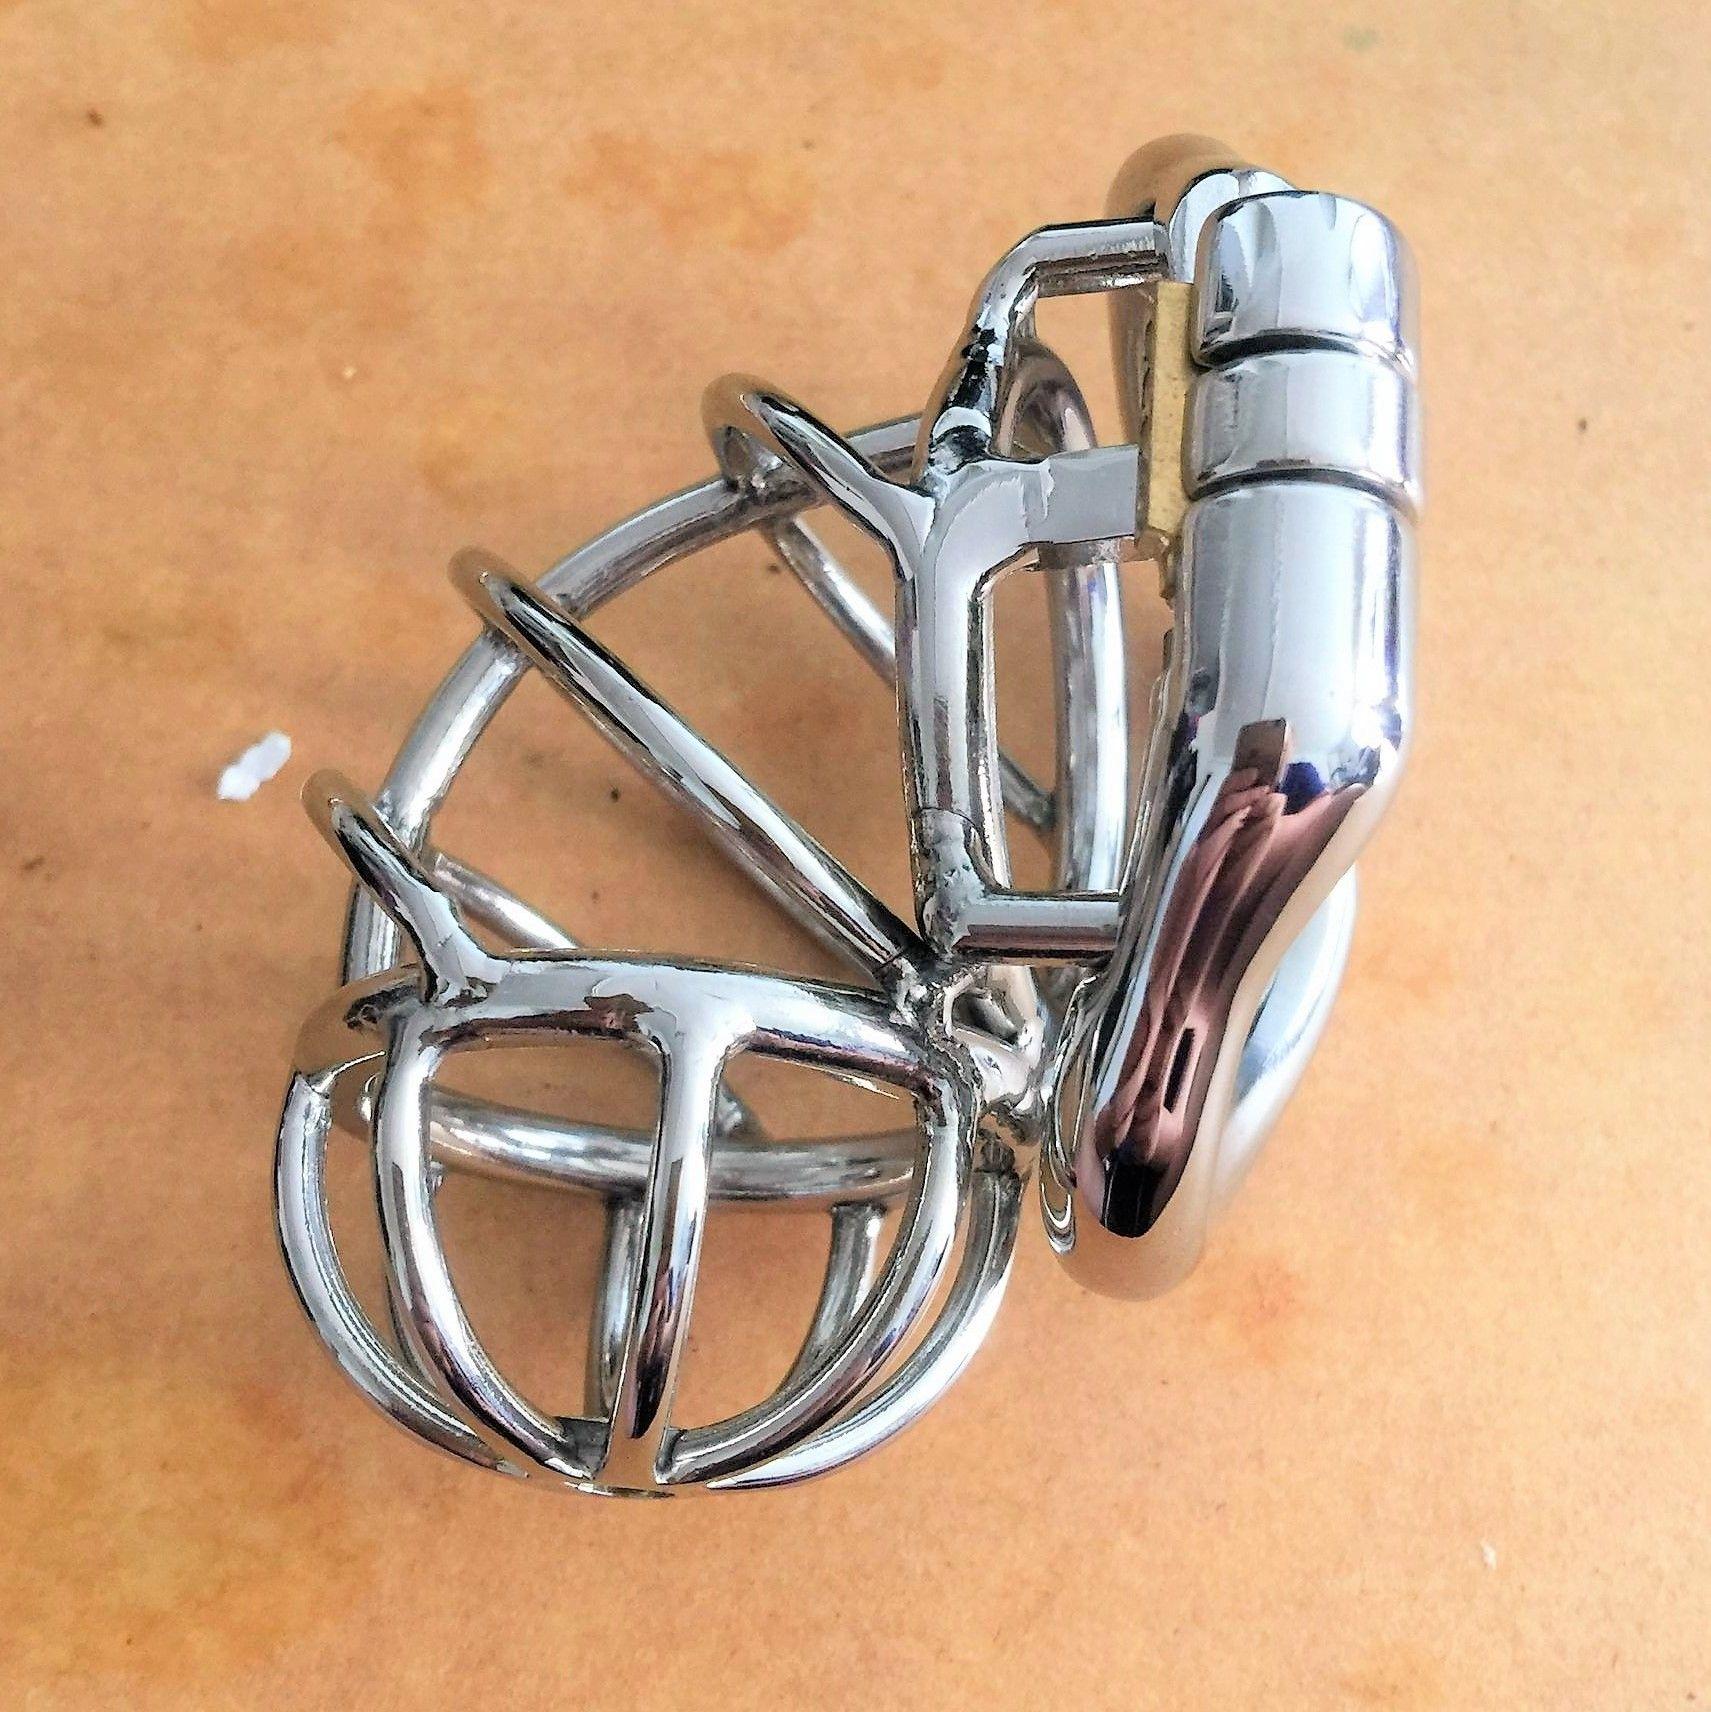 Муж однобокой целомудрии Cage Мужского Hollowed из нержавеющей стали Замка ремень Влево устройство с 4 Факультативным Эргономичным Rings DoctorMonalisa C157